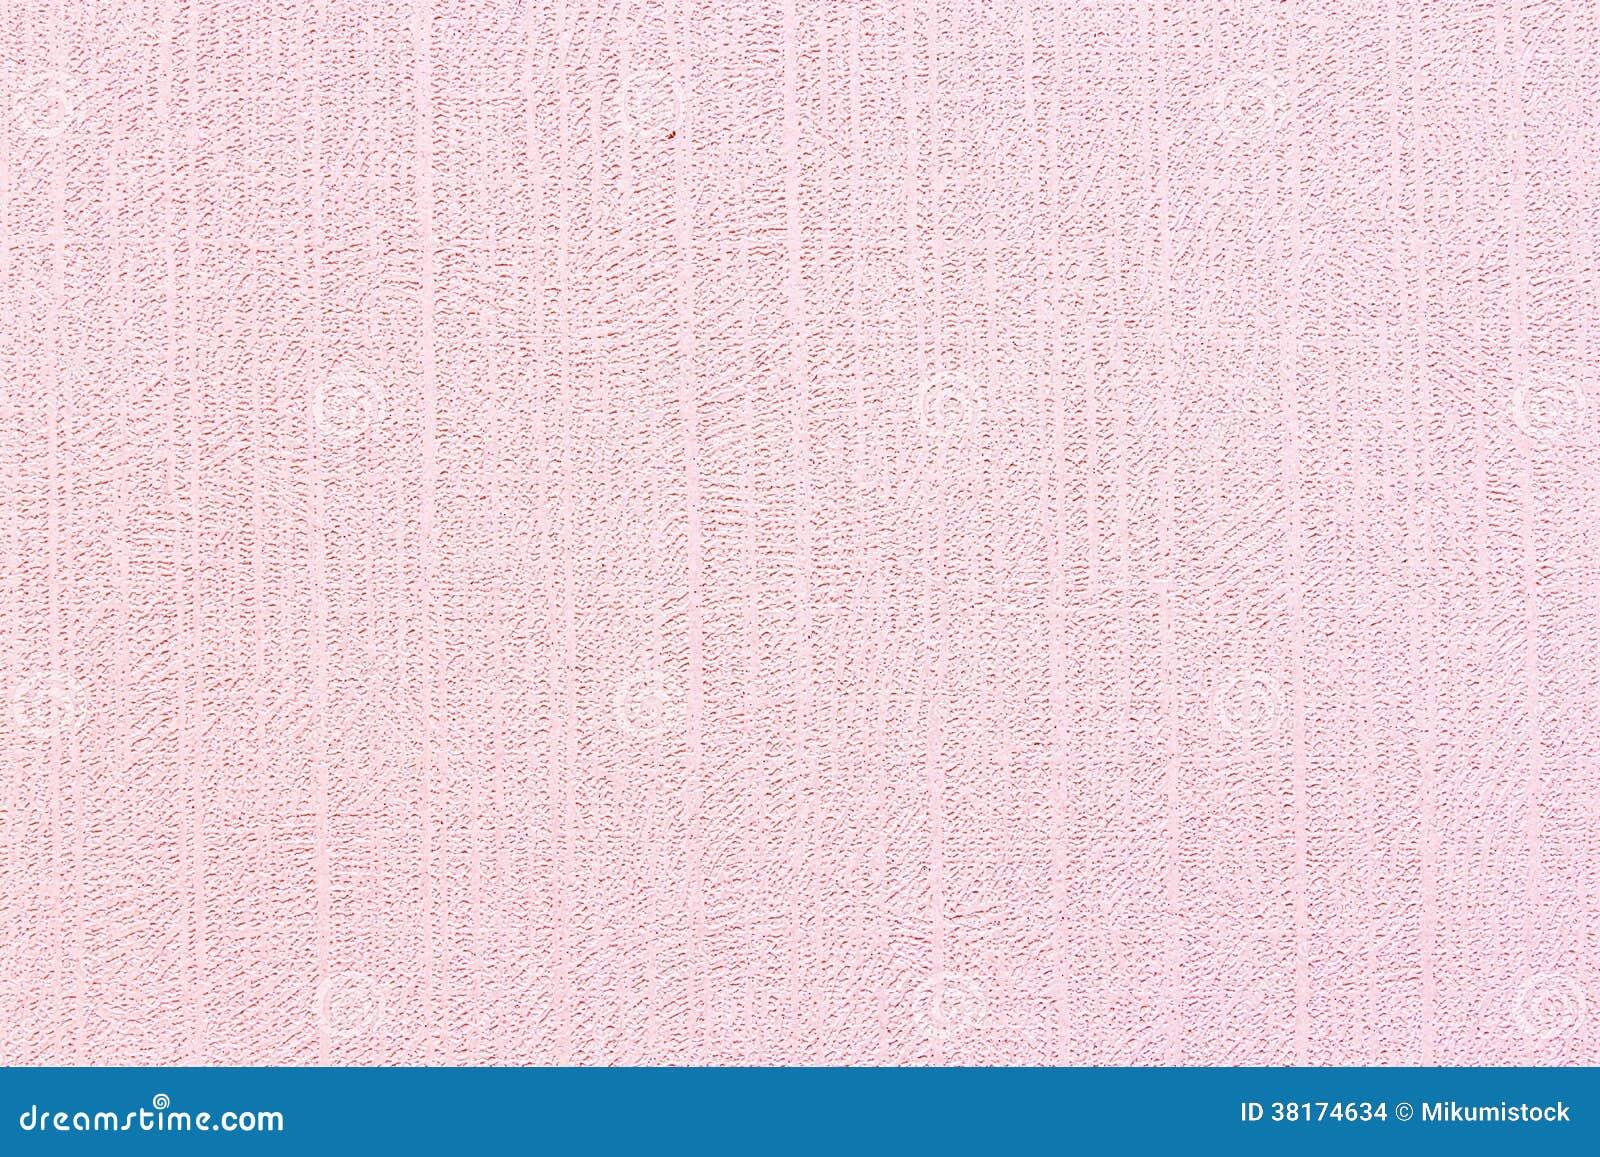 Carta Da Parati Rosa A Strisce : Carta da parati rosa astratta fotografia stock immagine di righe